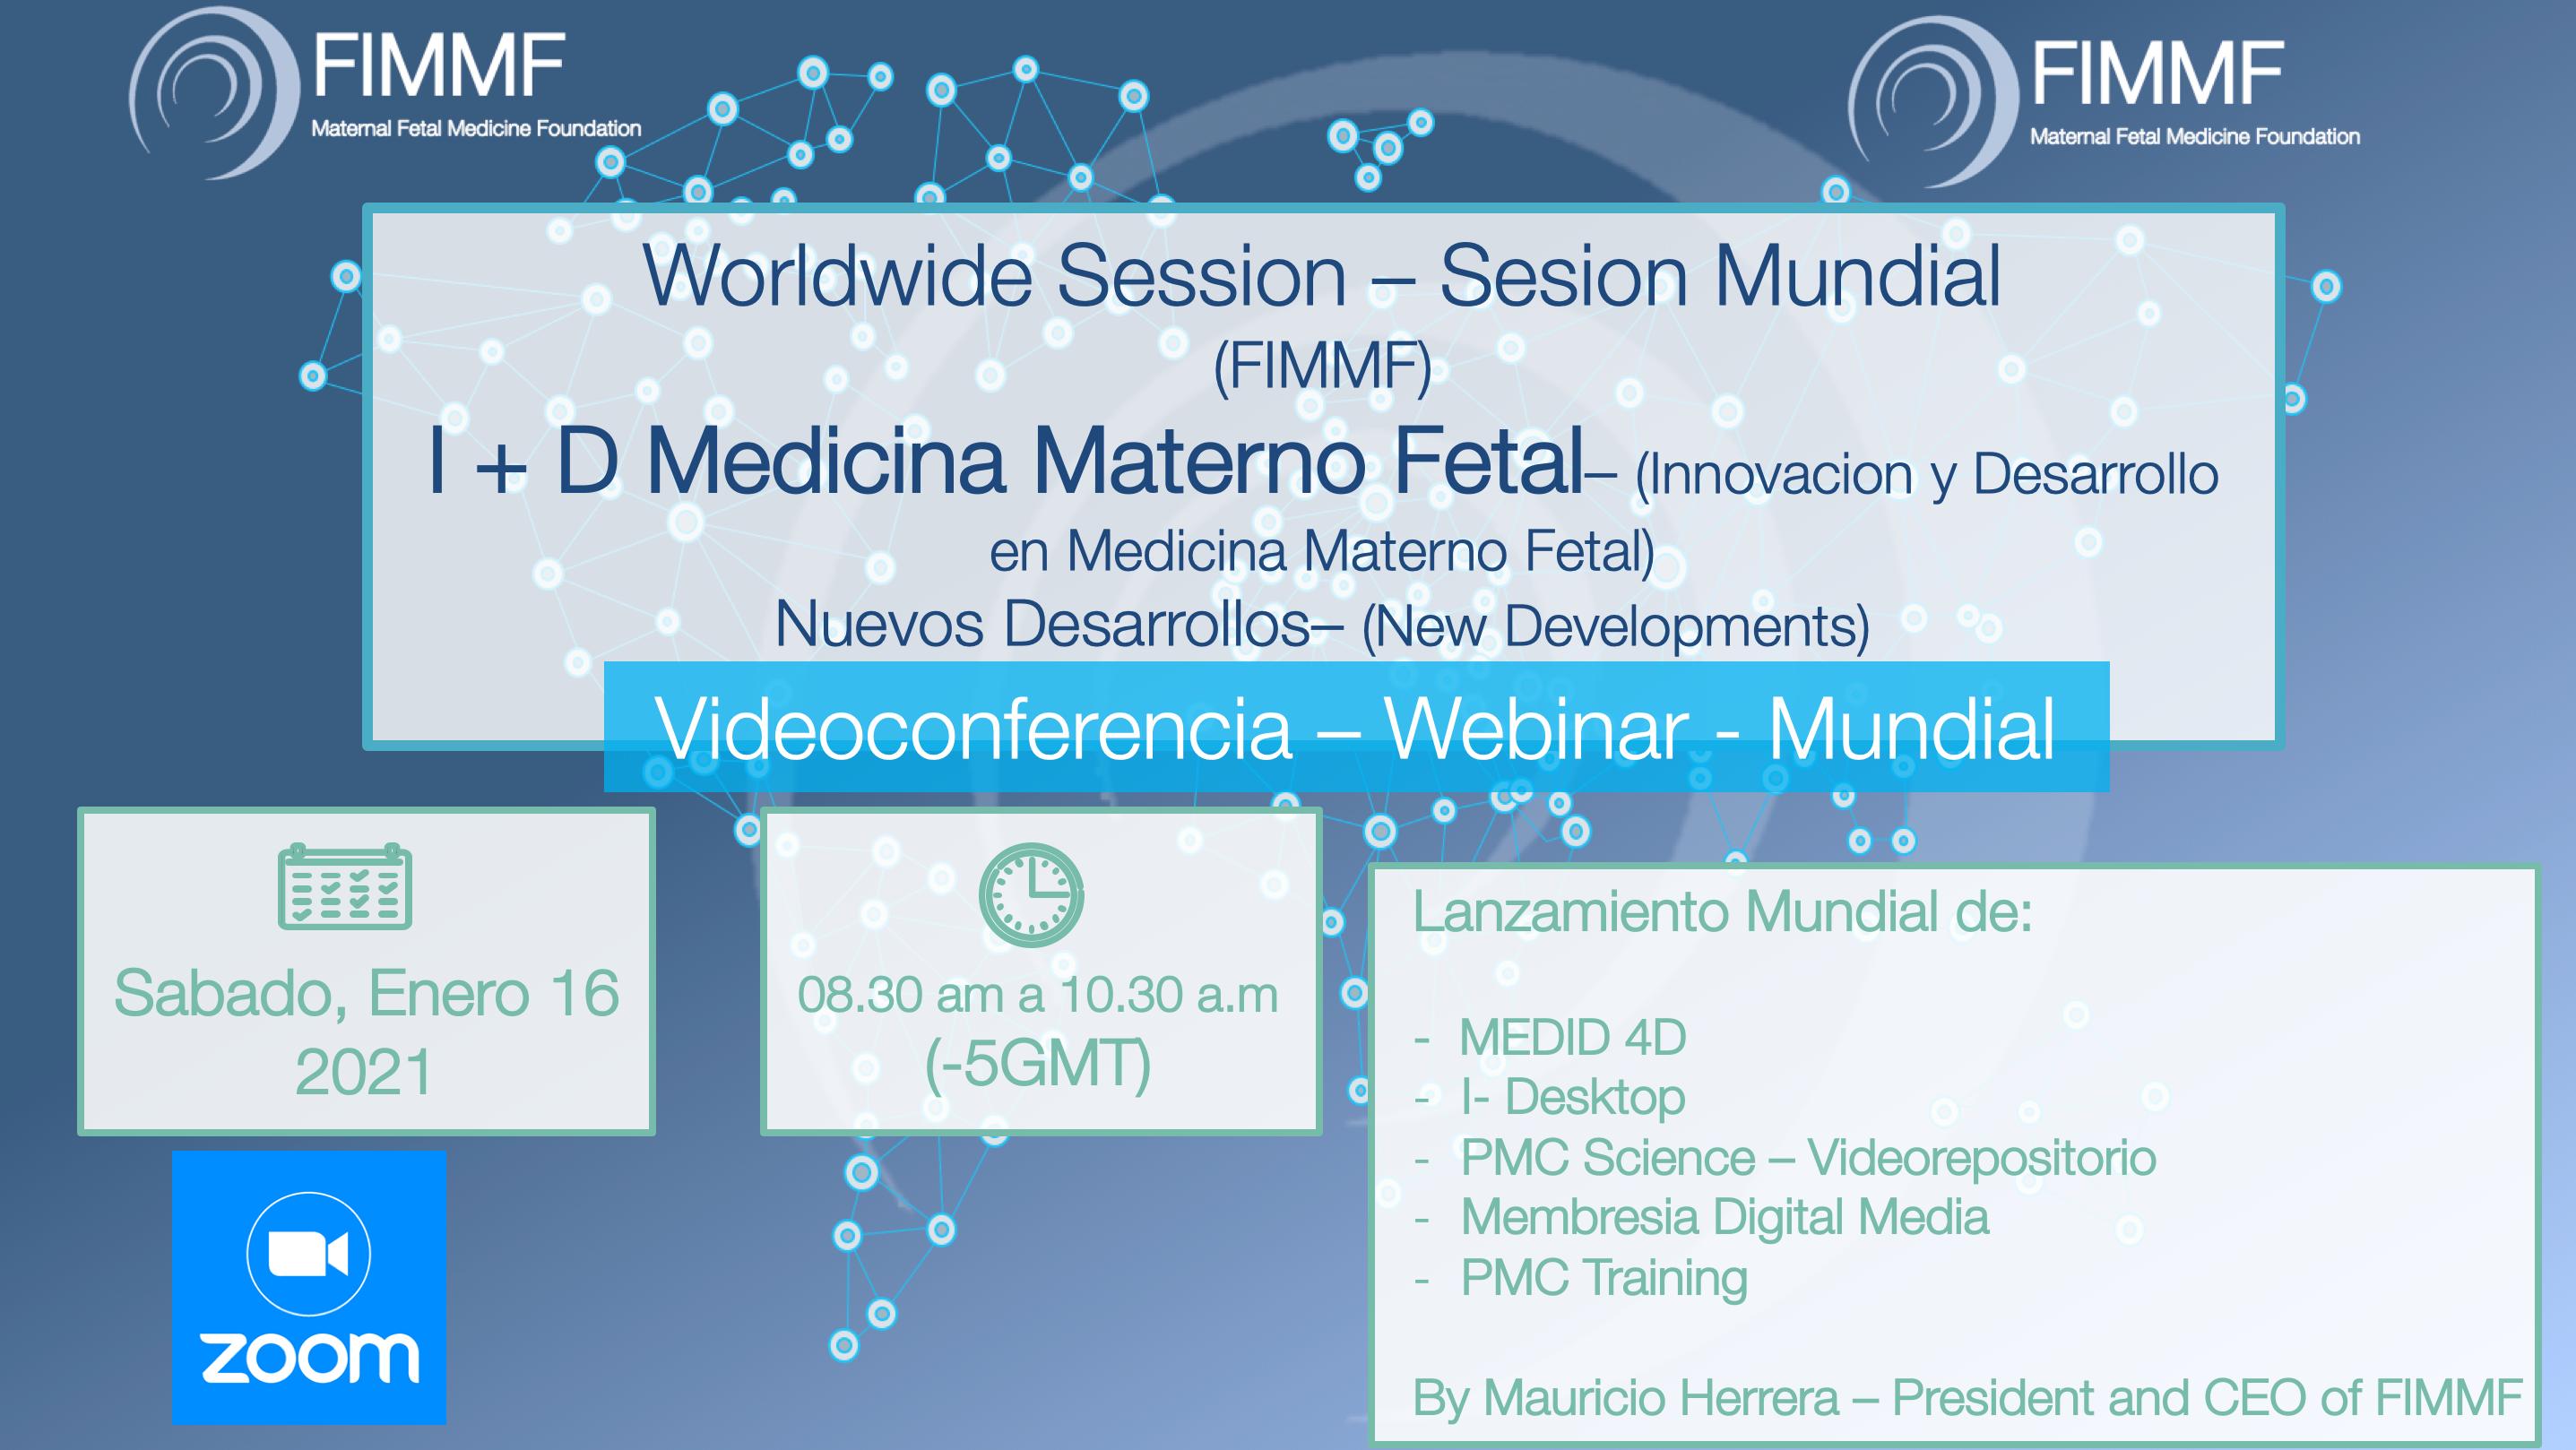 Registry Worldwide session: I + D en Medicina Materno Fetal